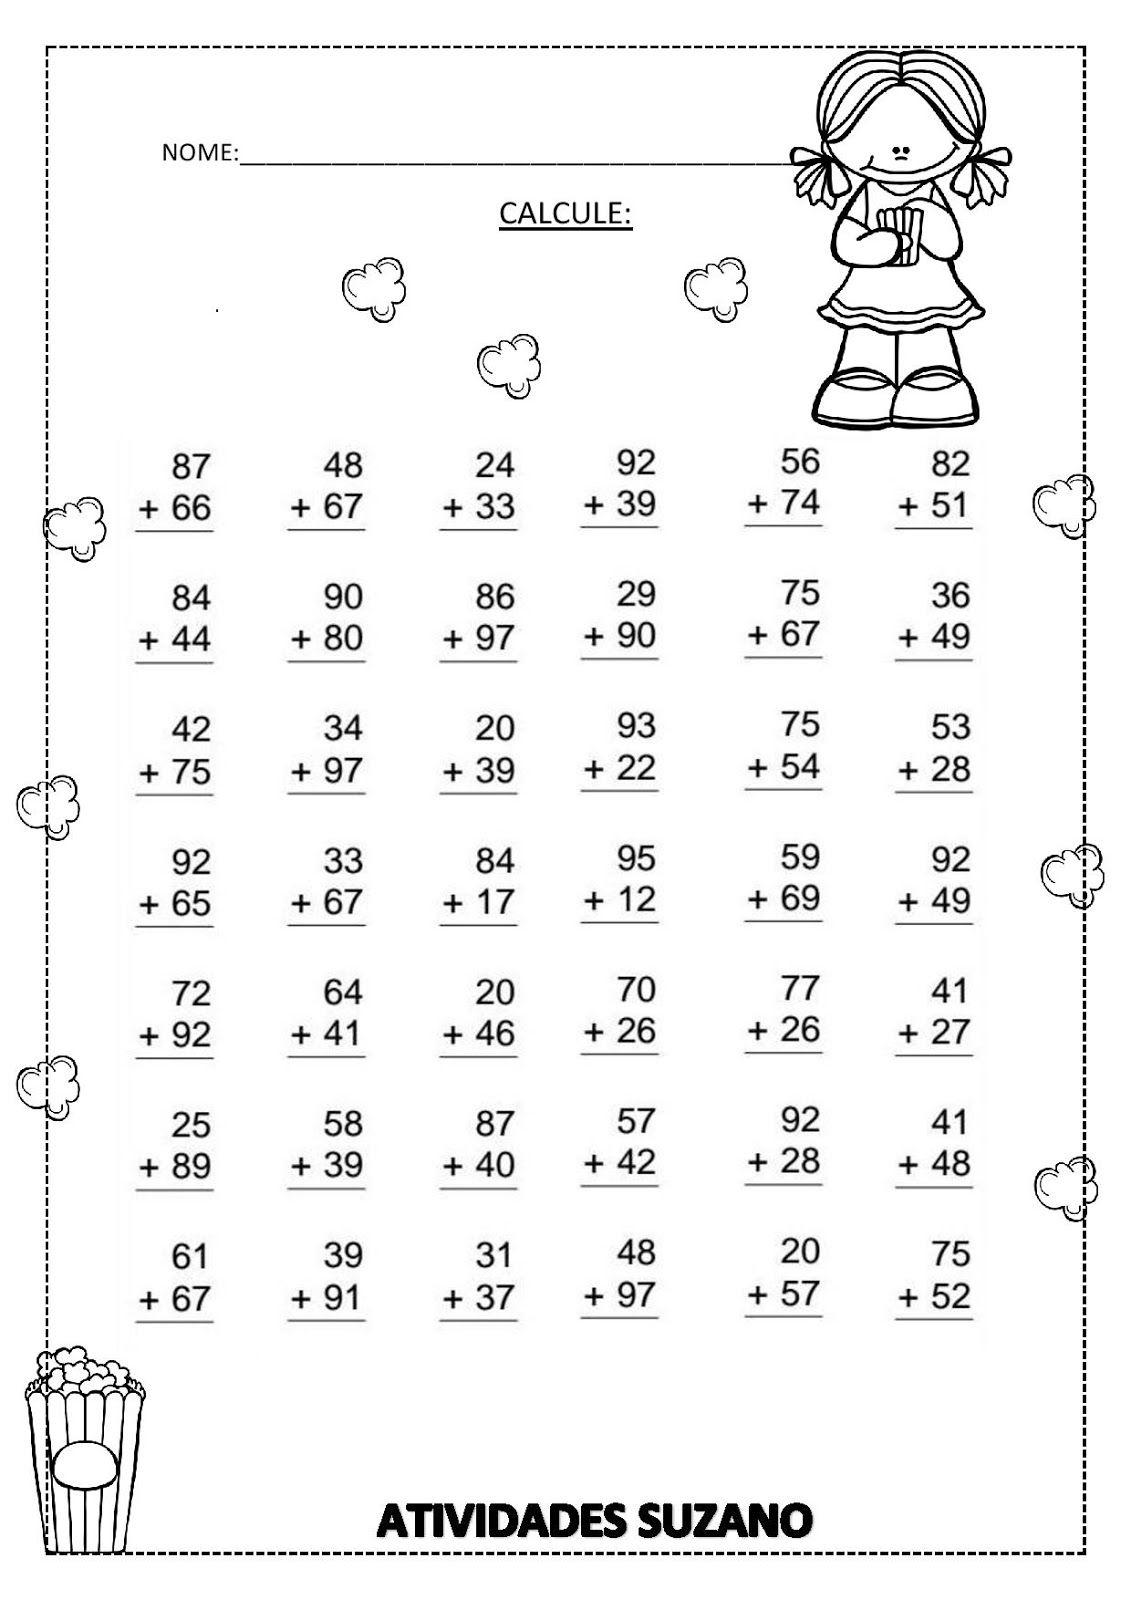 CALCULANDO-page-001.jpg 1.131×1.600 pixels | Propostas de matemática ...